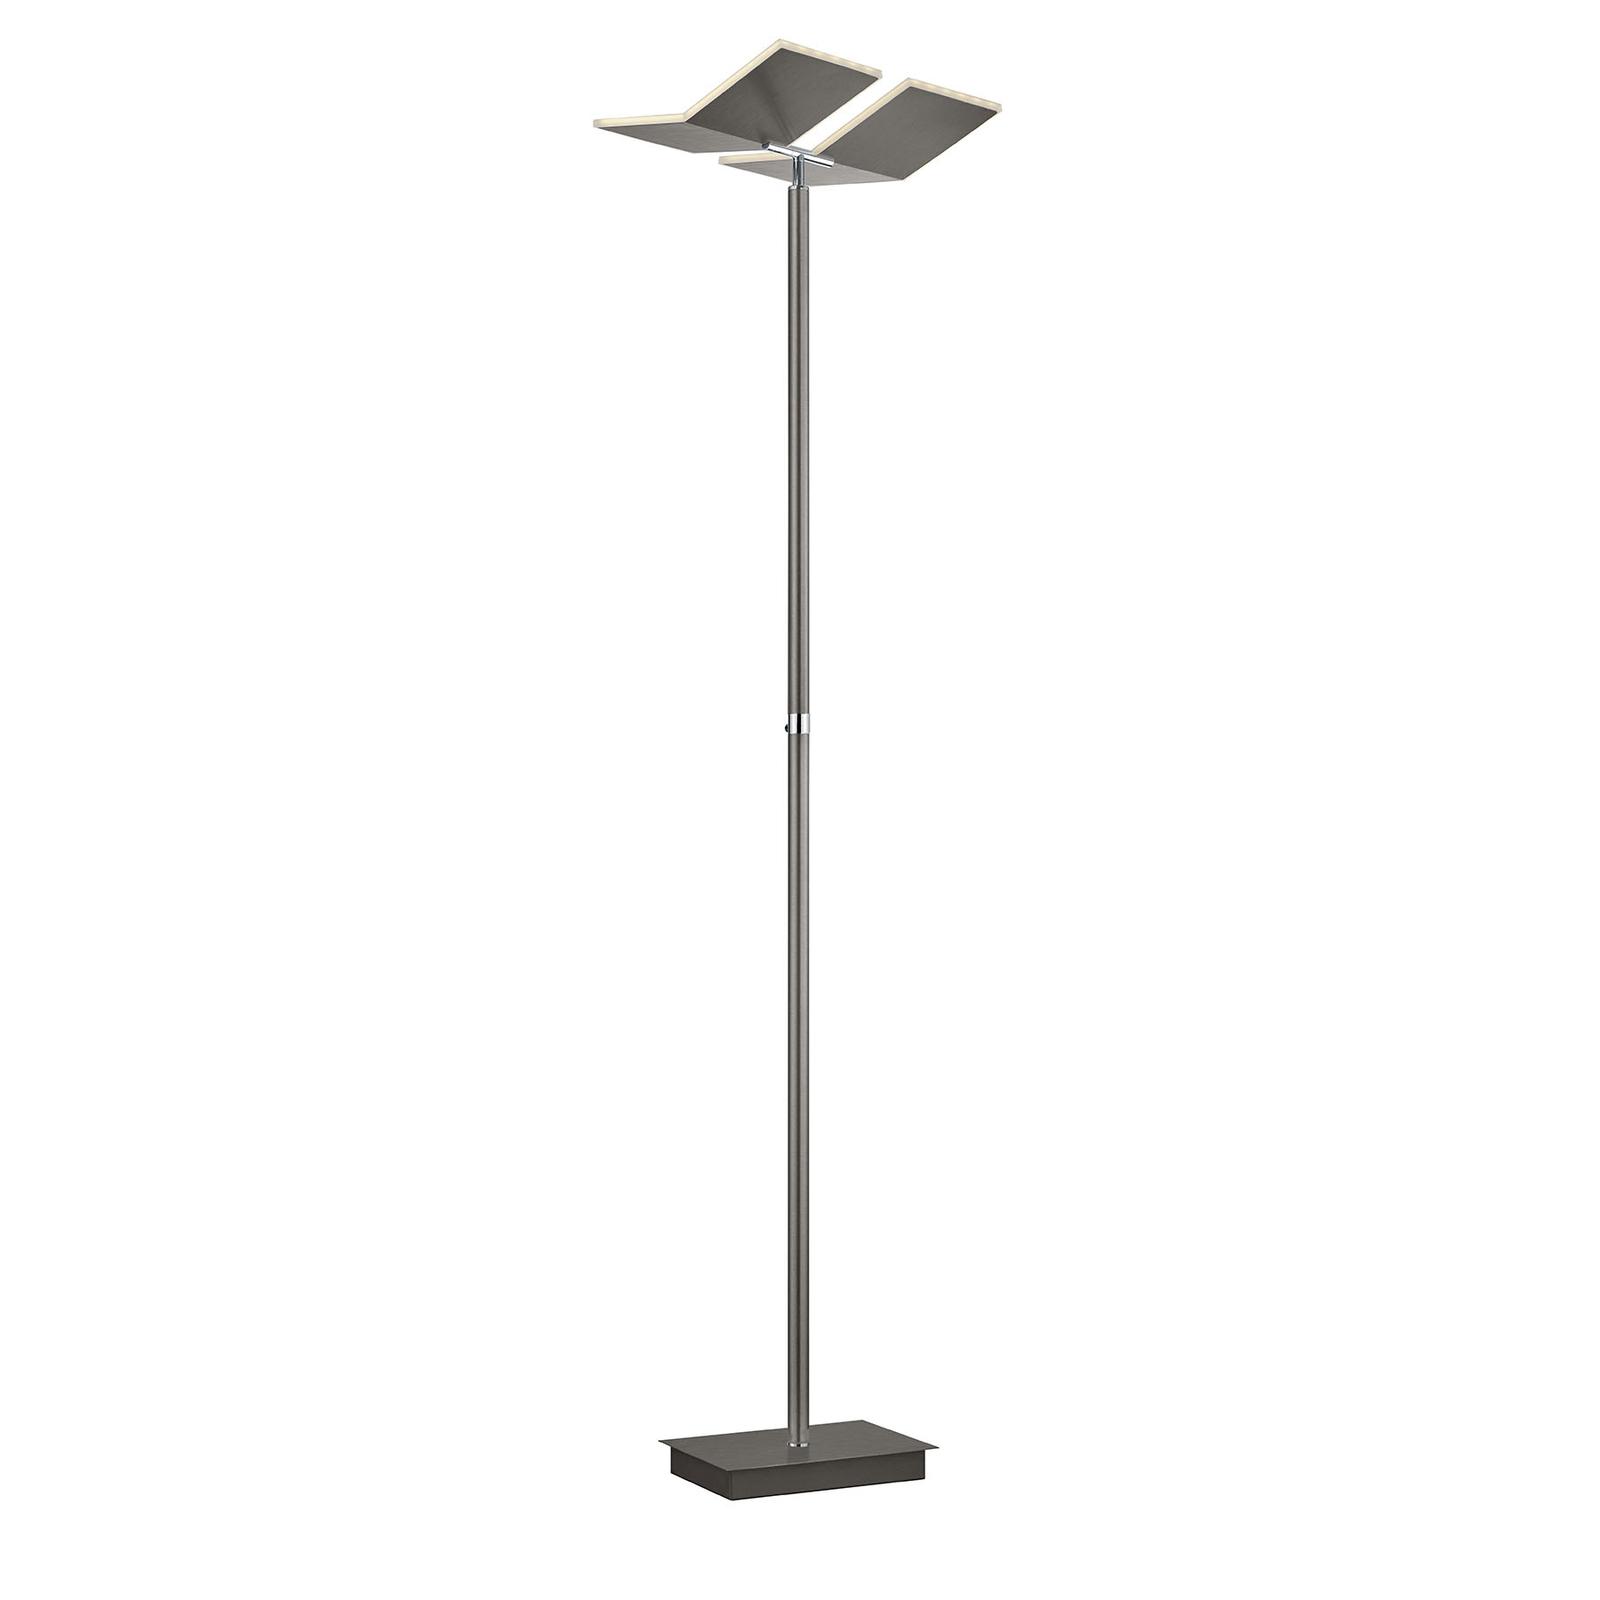 B-Leuchten Domi lampa stojąca LED, brązowa